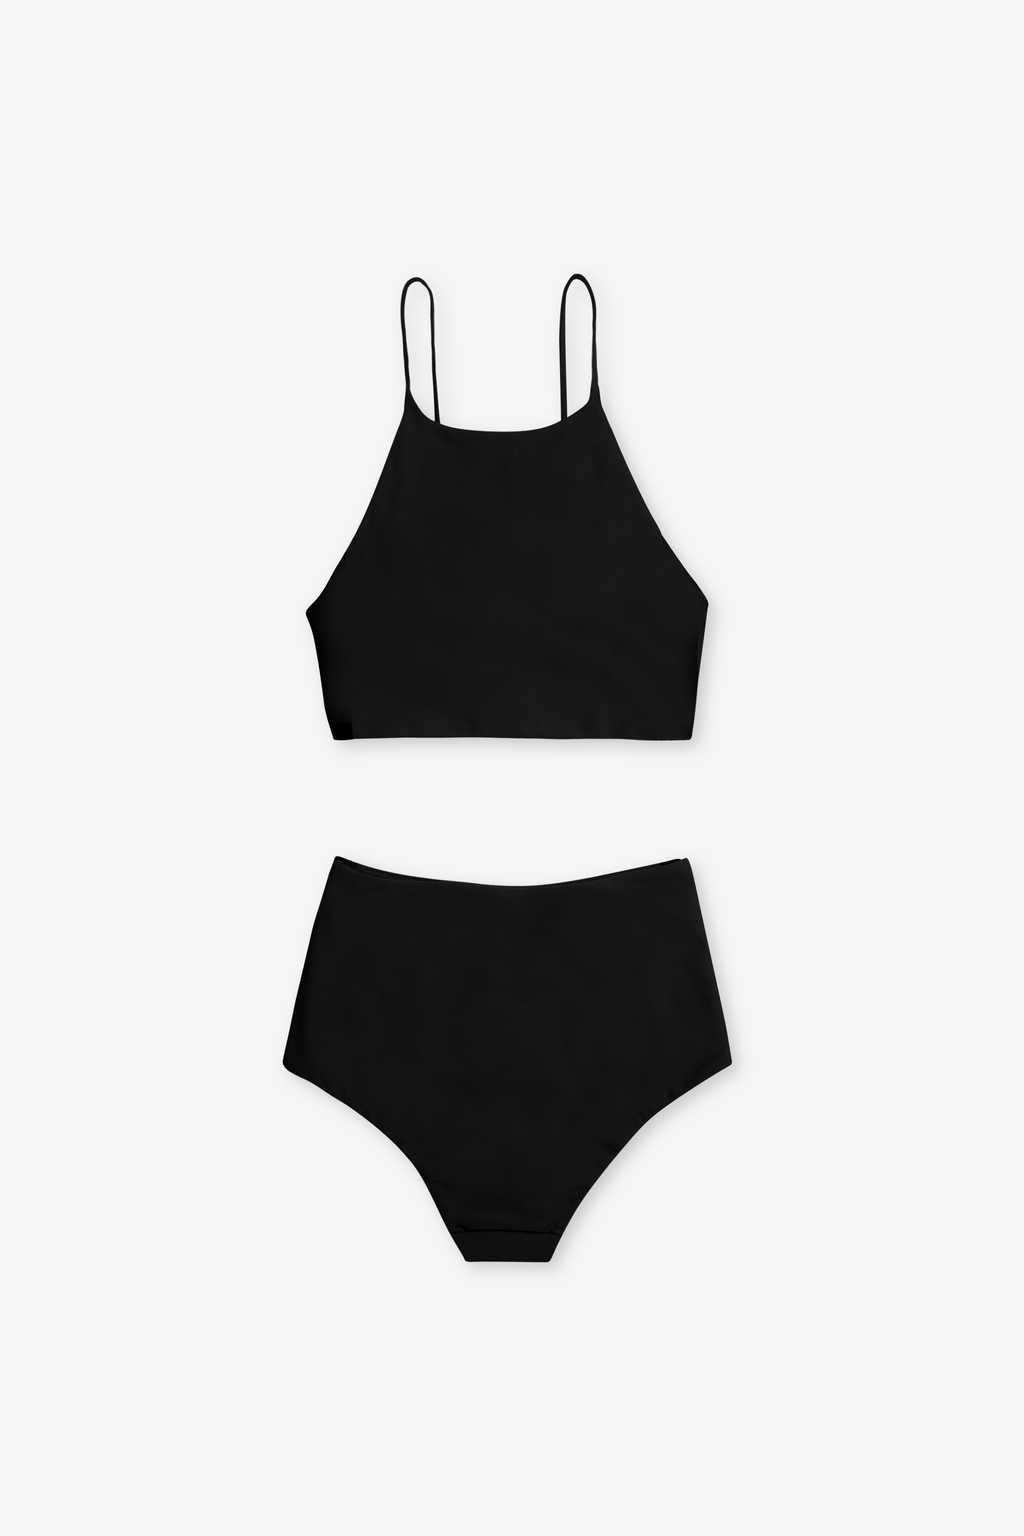 Bikini Top 2203 Black 11